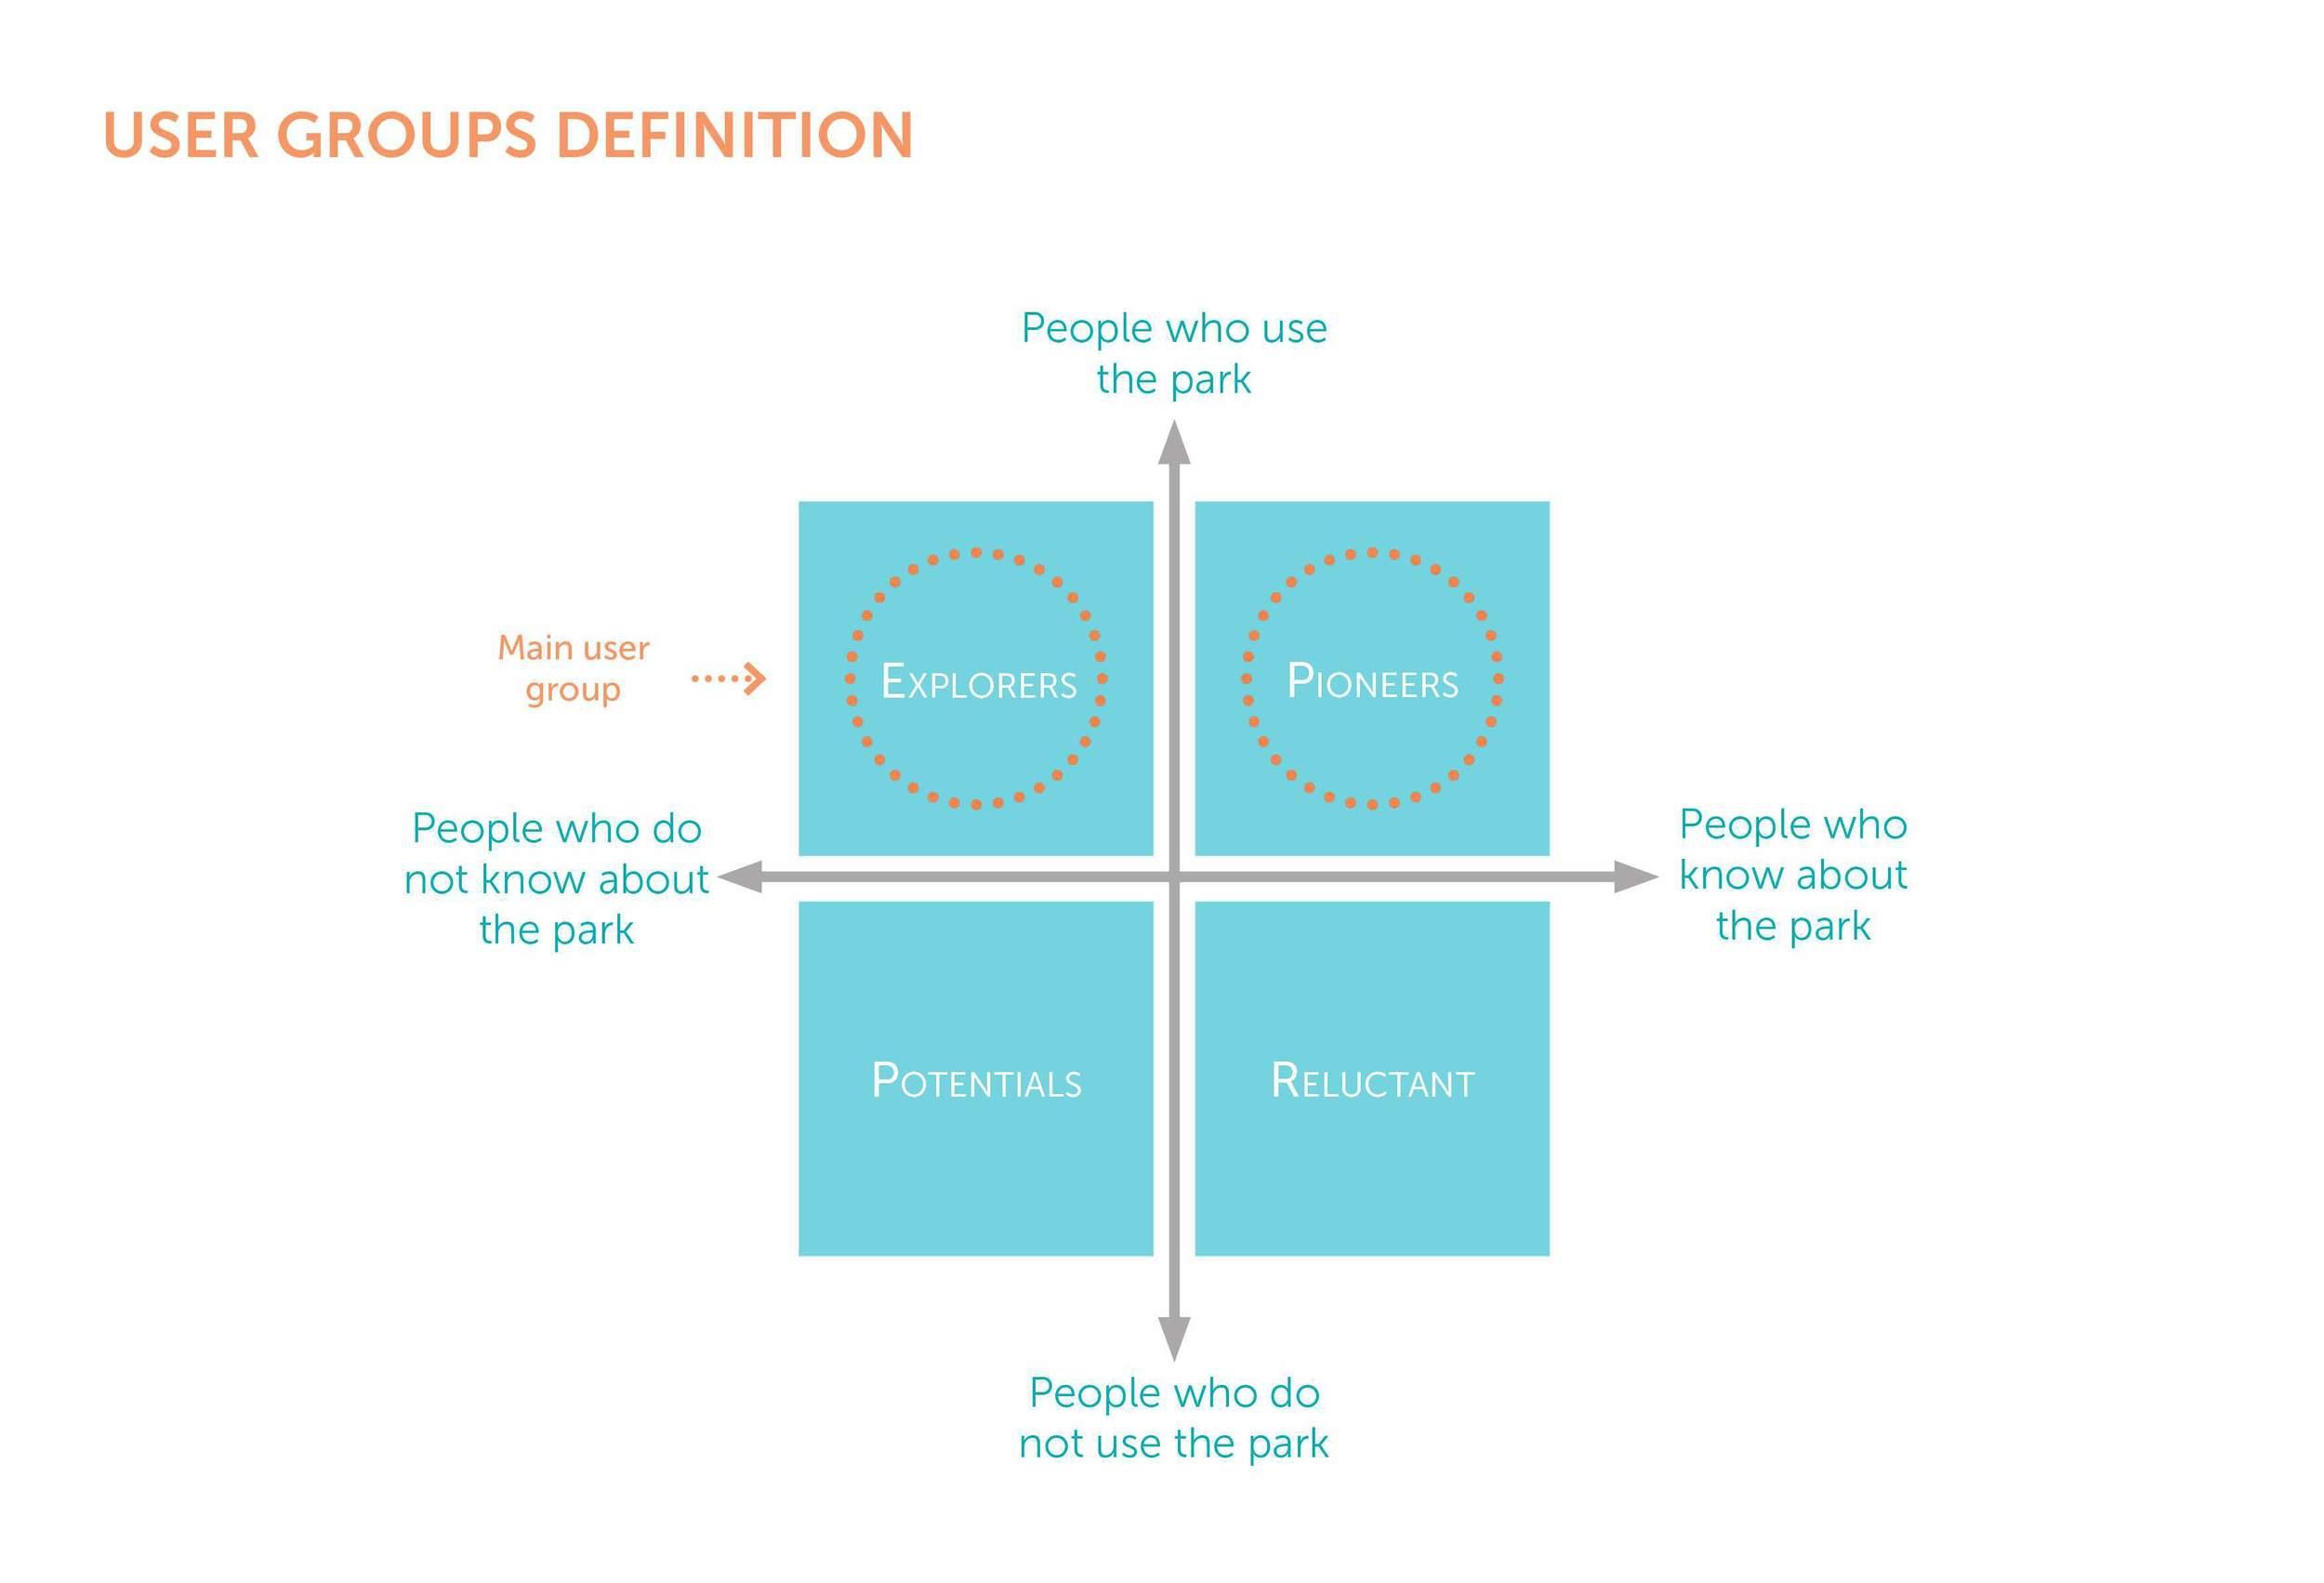 User groups definition.jpg